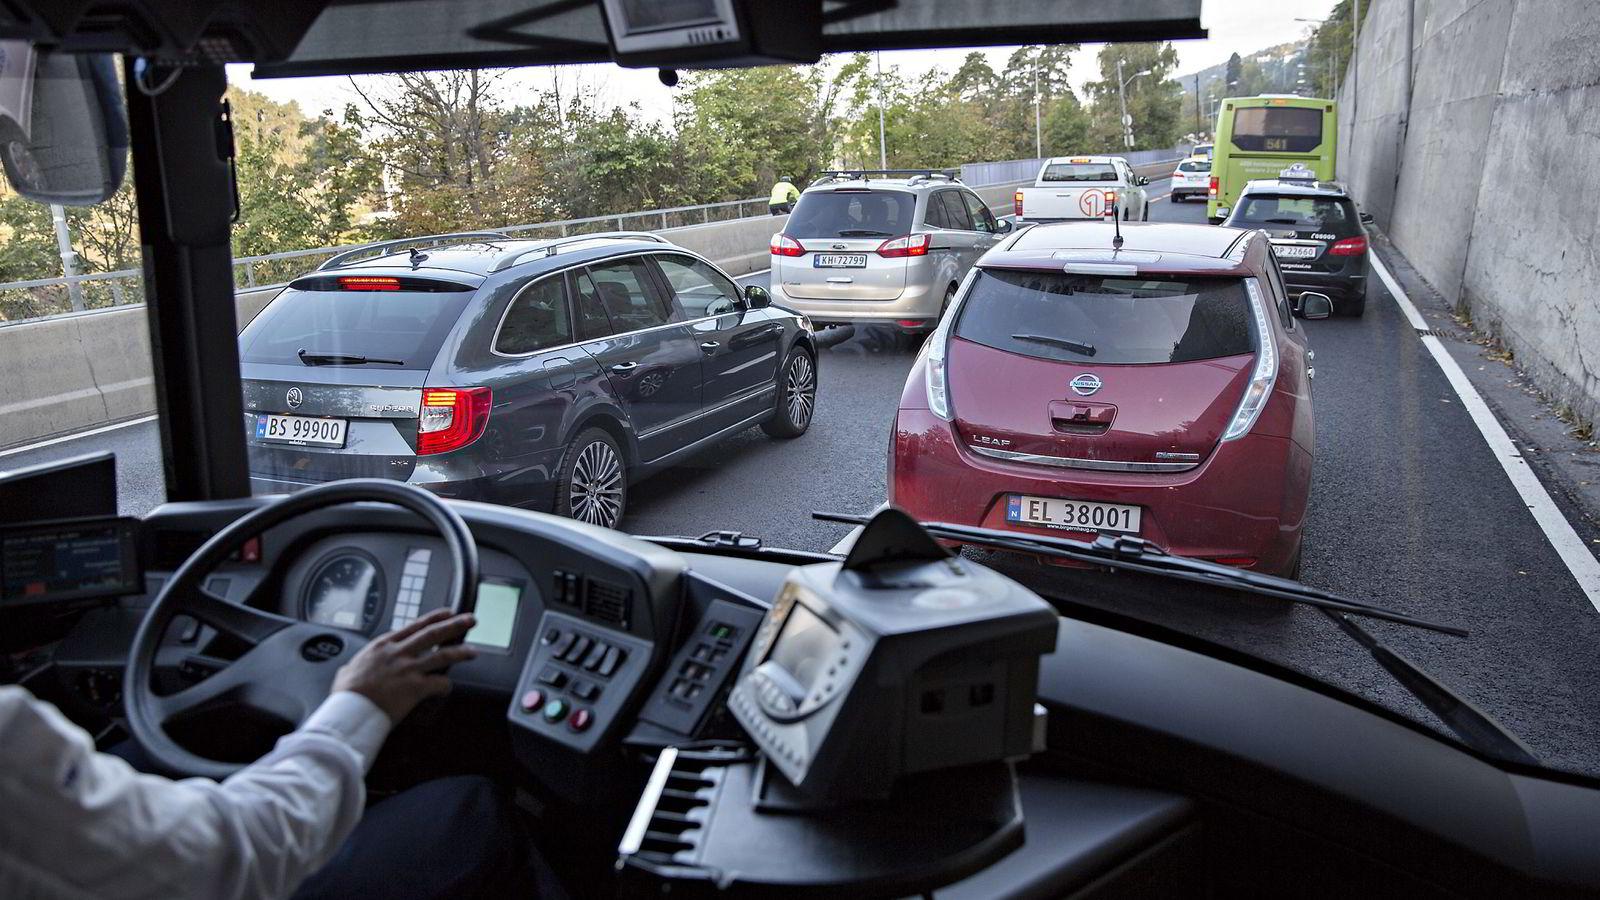 ELBILSTØTTE. Fremover må vi raffinere styringen av en raskt renere bilflåte, så byene gir sykler og busser en sjanse, mener forfatteren. Illustrasjonsfoto: Aleksander Nordahl